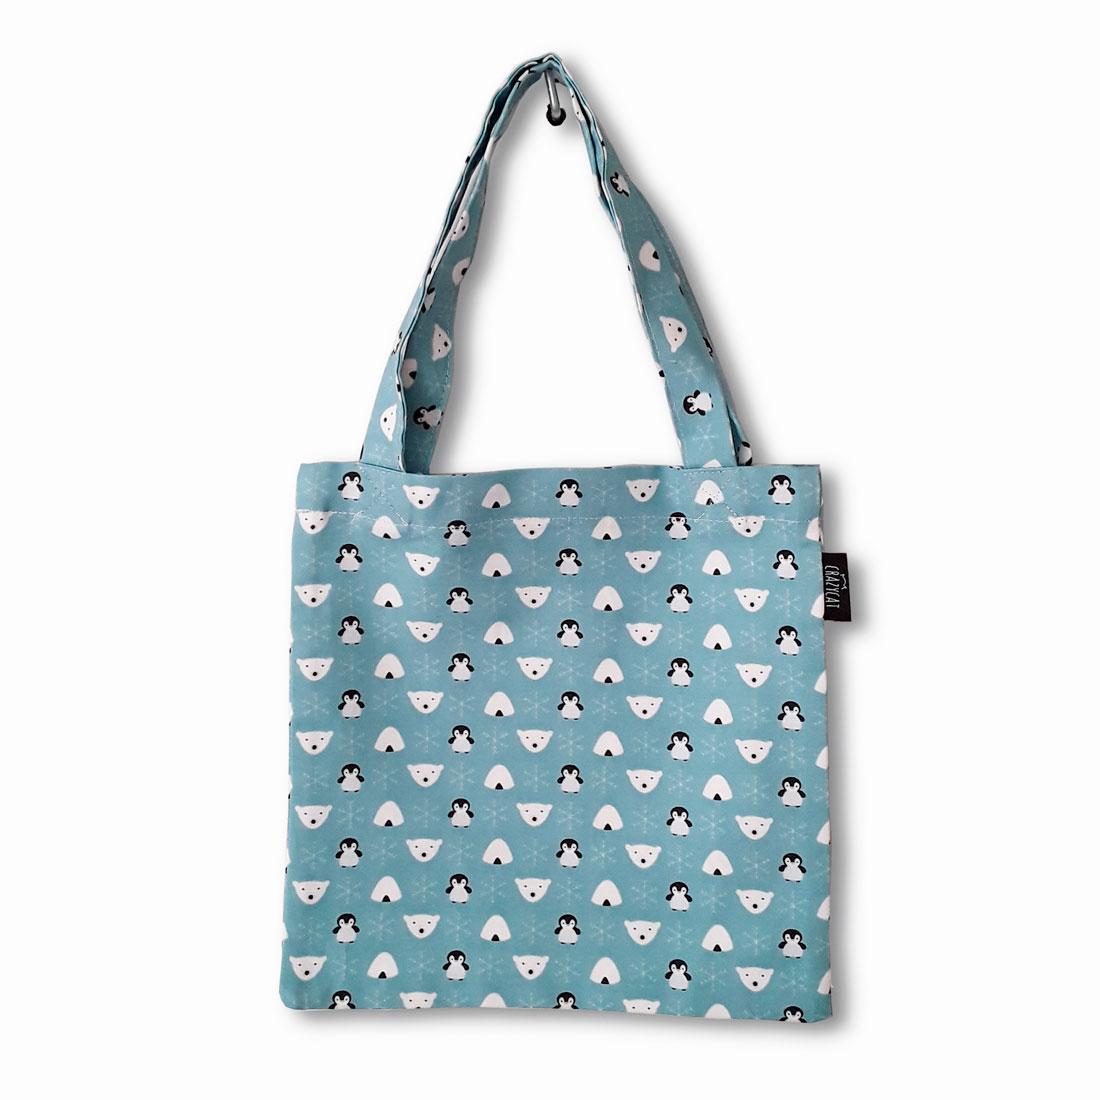 Floe Tote bag